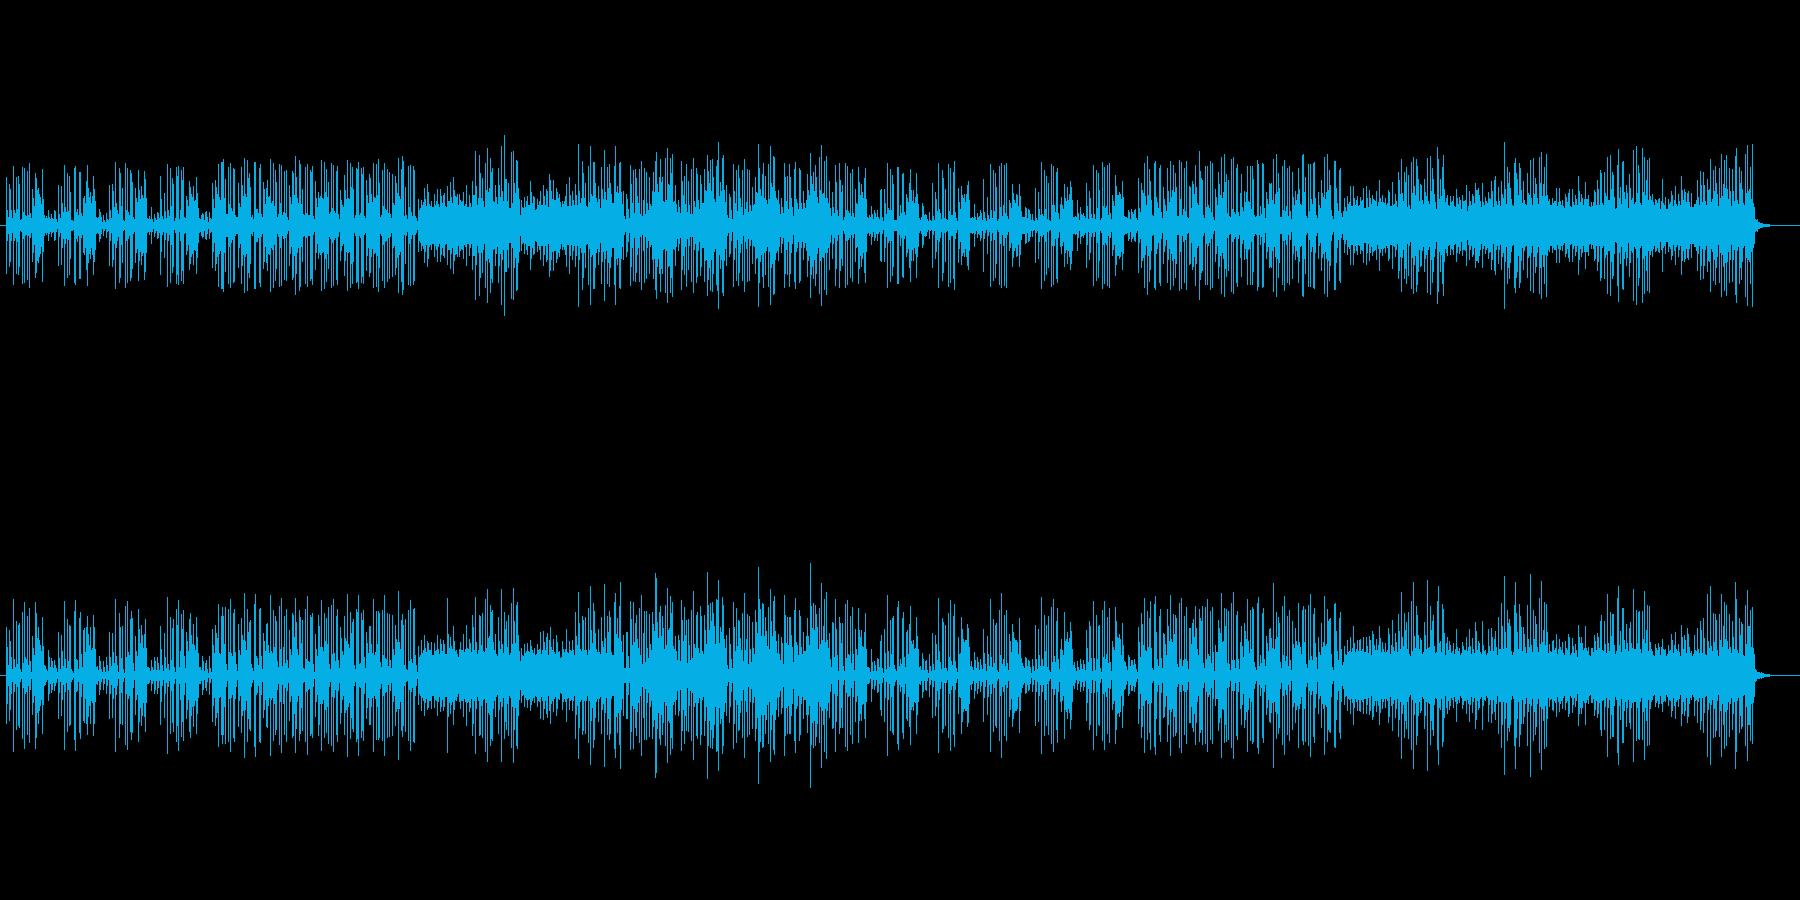 透明感があり木琴が印象的なテクノの再生済みの波形